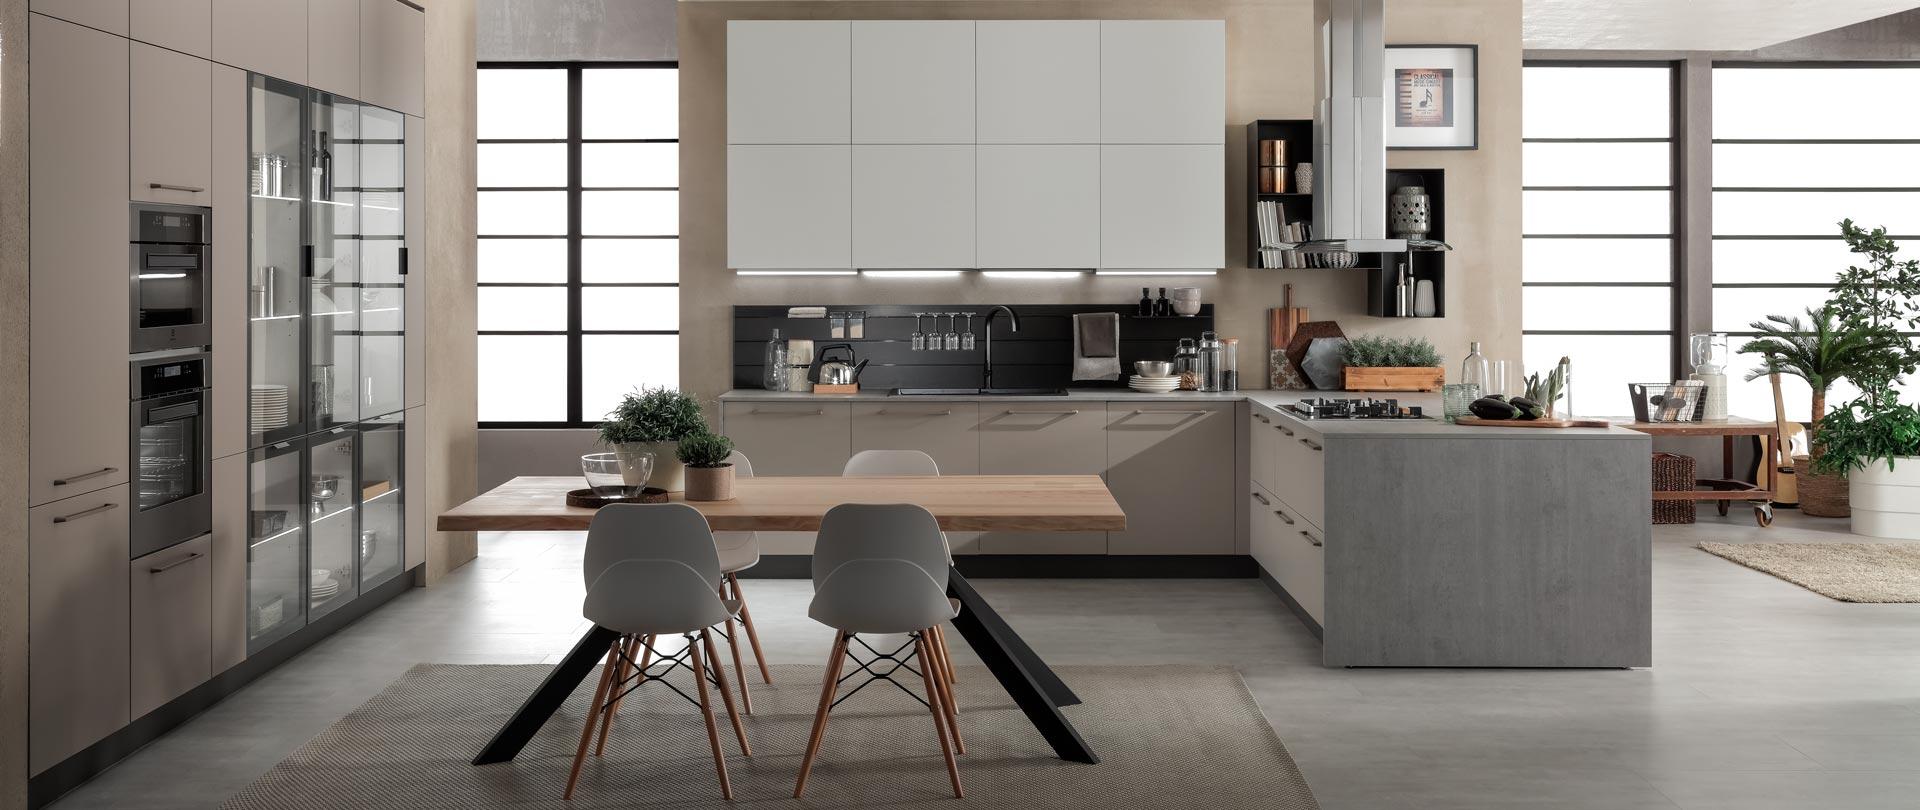 Su tutte le cucine evo set elettrodomestici in regalo for Regalo mobili cucina